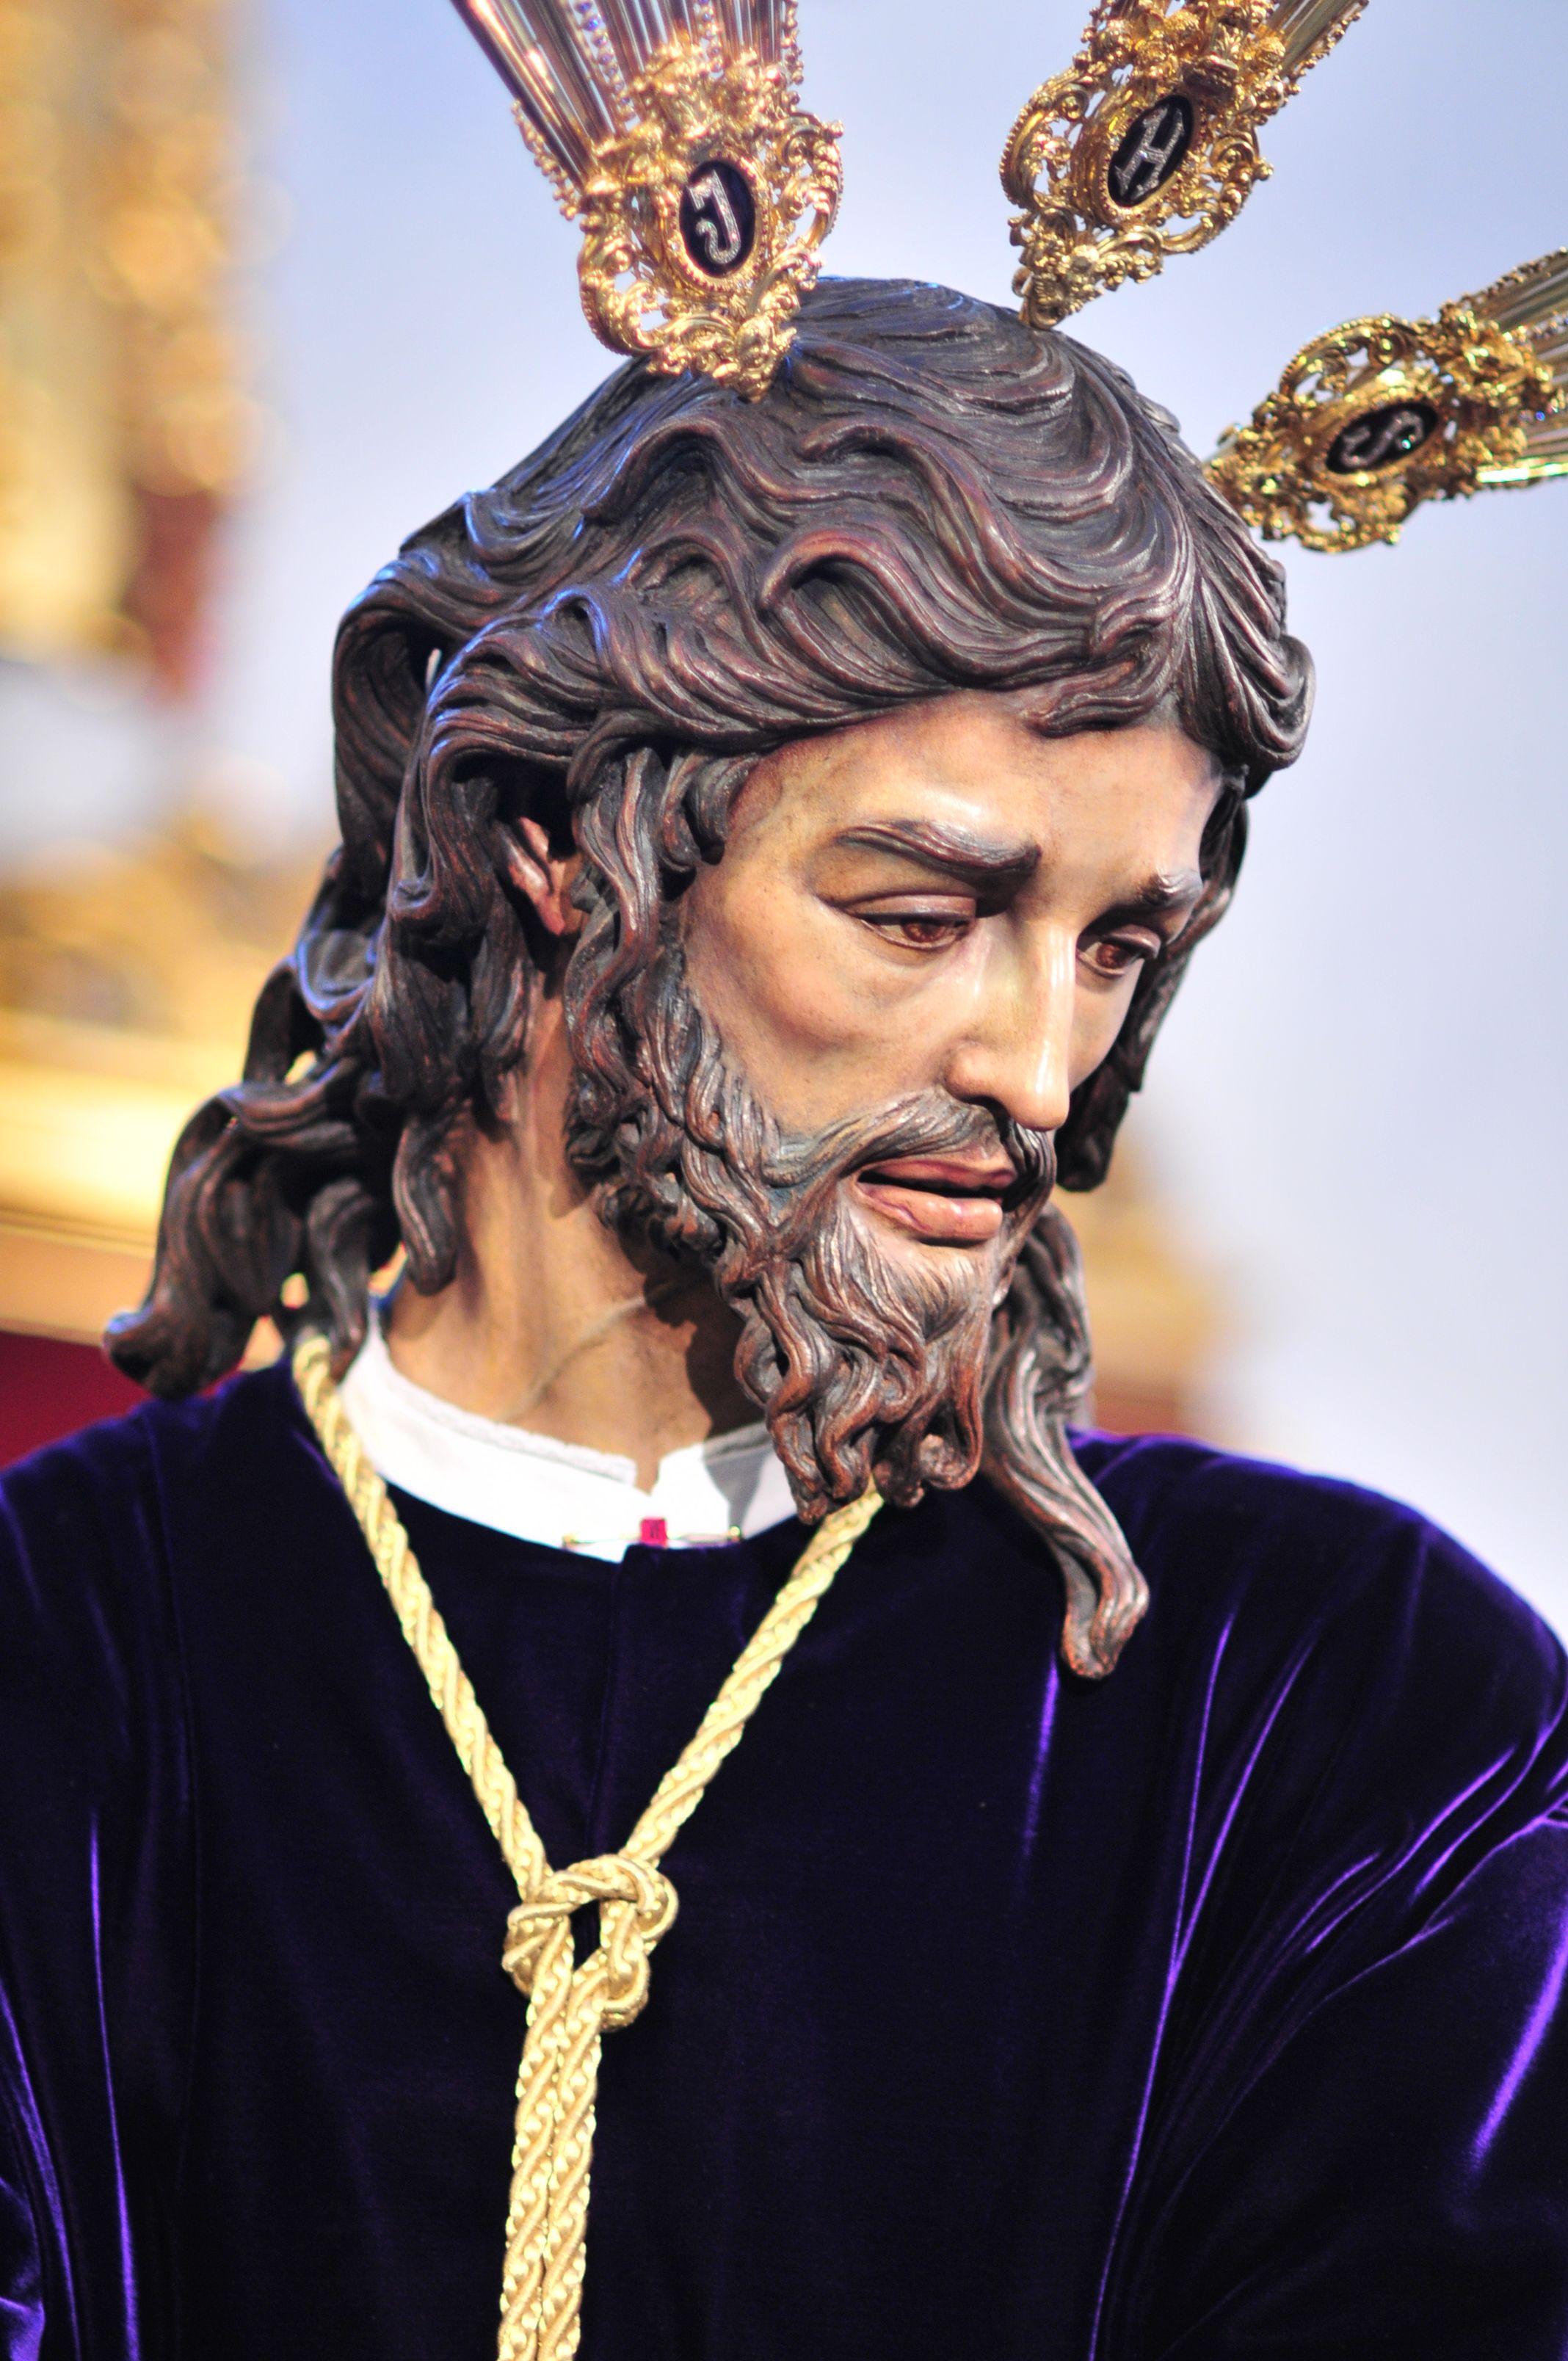 Resultado de imagen de jesús del Soberano Poder (San Gonzalo) en Campana. Sevilla 2017